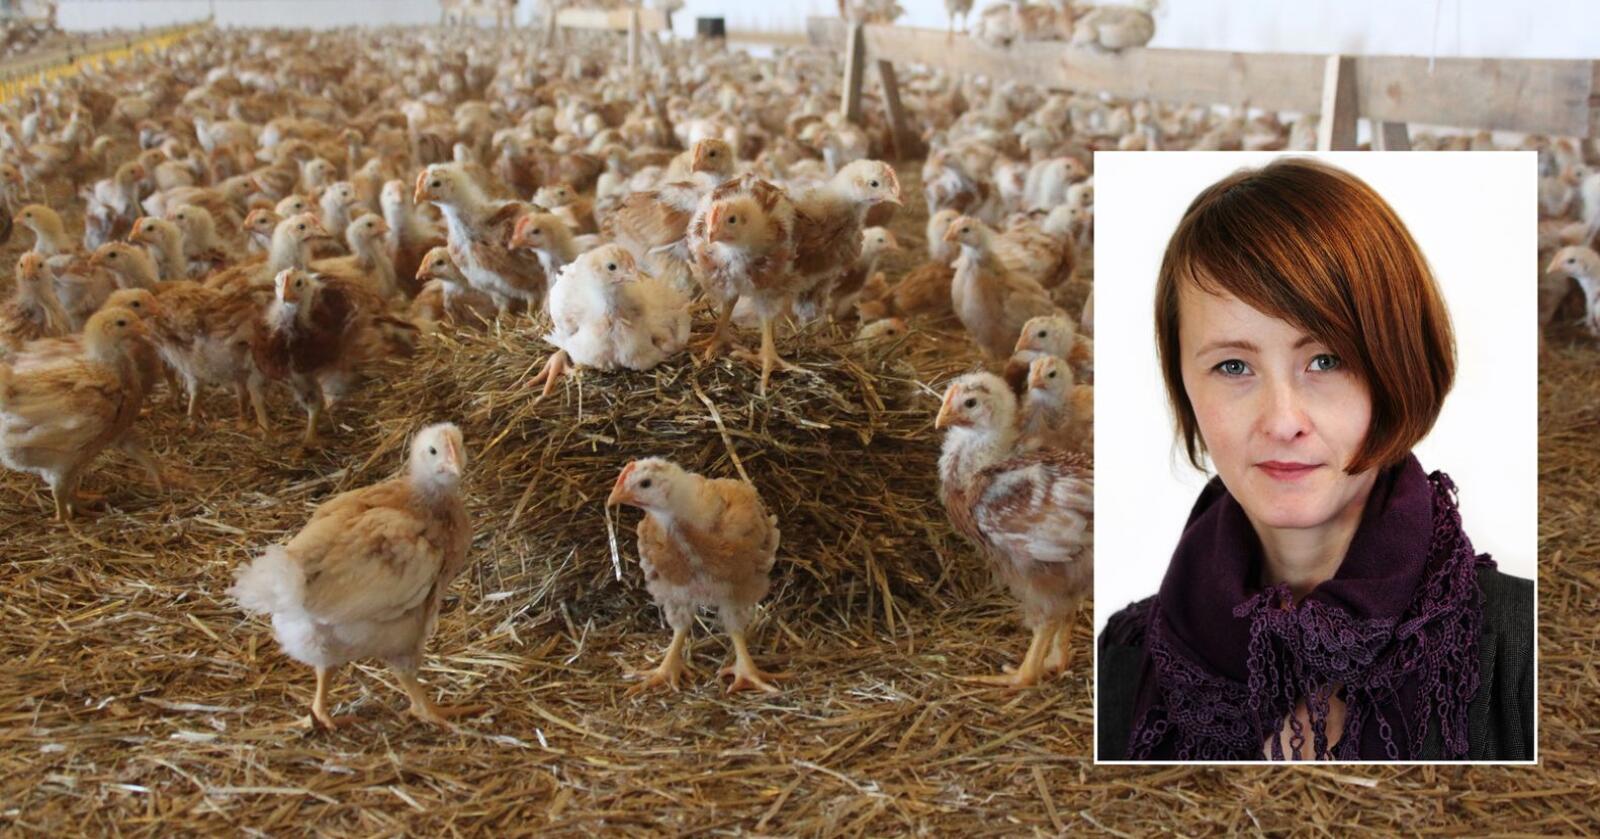 Intensiviteten i norsk kjøttproduksjon må ned, og da er utfasing av Ross 308 et opplagt tiltak, skriver Marianne Kulø er fagleder i Dyrevernalliansen. (Foto: Pål Thorvaldsen og Iselin Linstad Hauge)